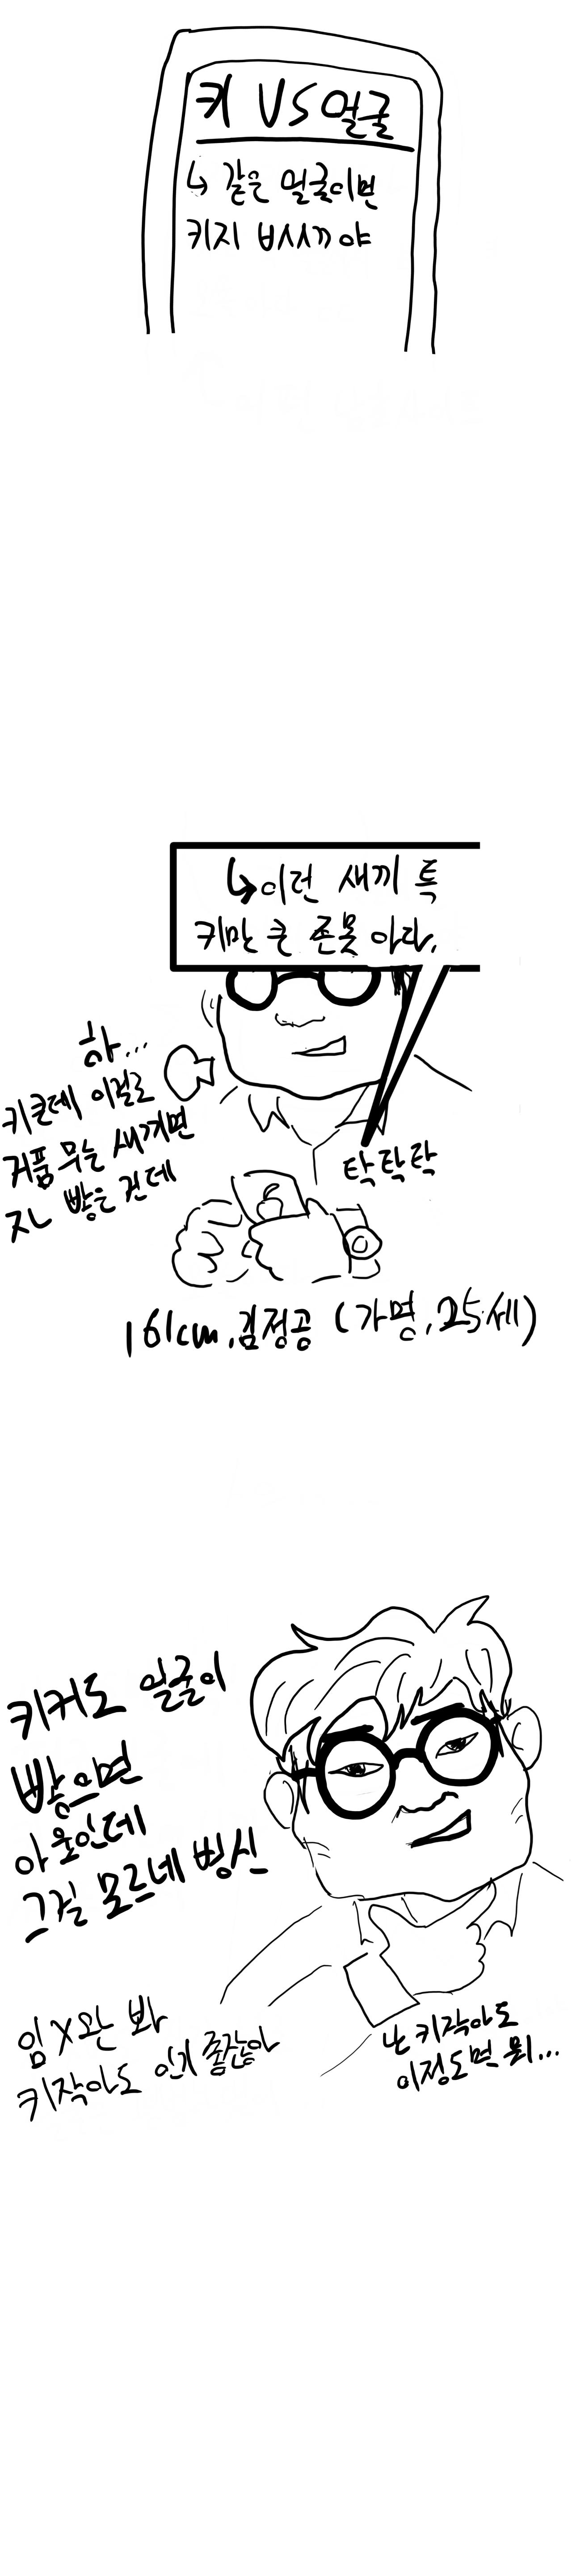 A5460587-E59A-4118-B629-4BC1B4533817.png ㅎㅂ) 키 vs 얼굴로 싸우는 만화.manhwa